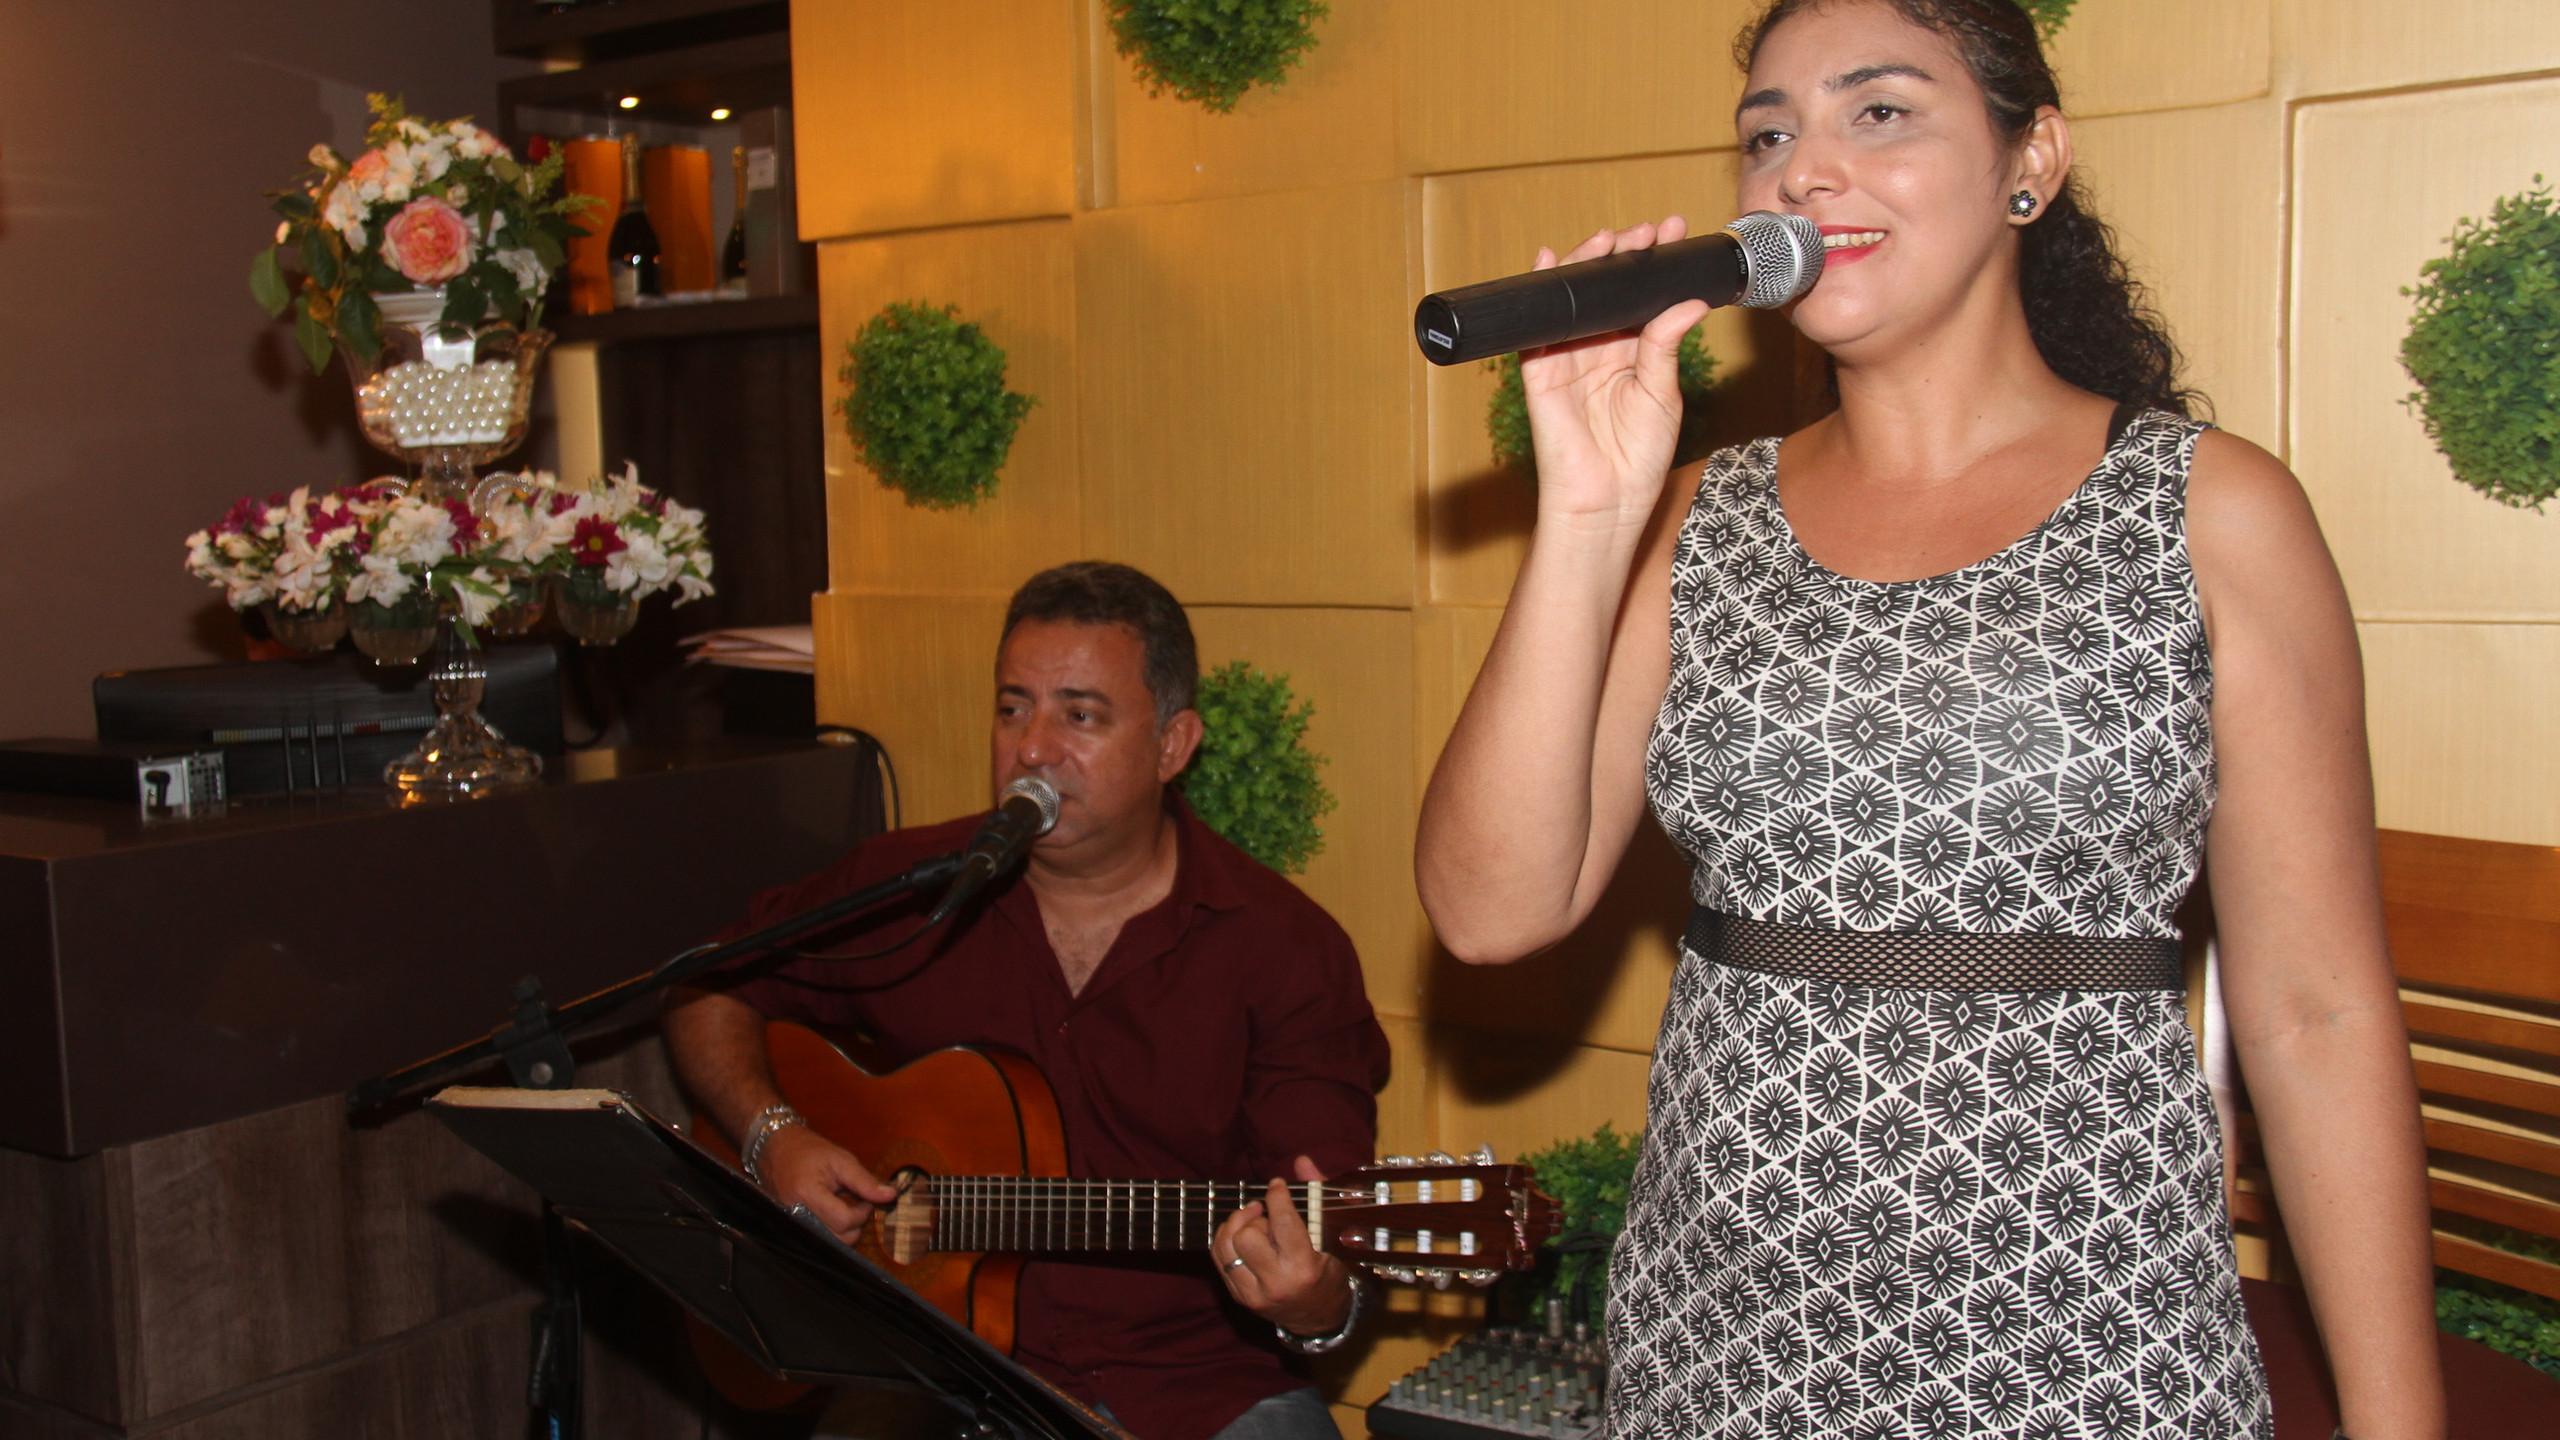 O músico Murilo Cardoso e a cantora Katiana Duarte, que se apresentam no jantar do feriado da Villa do Vinho Bistrô, na Cohama nessa sexta (02.11).